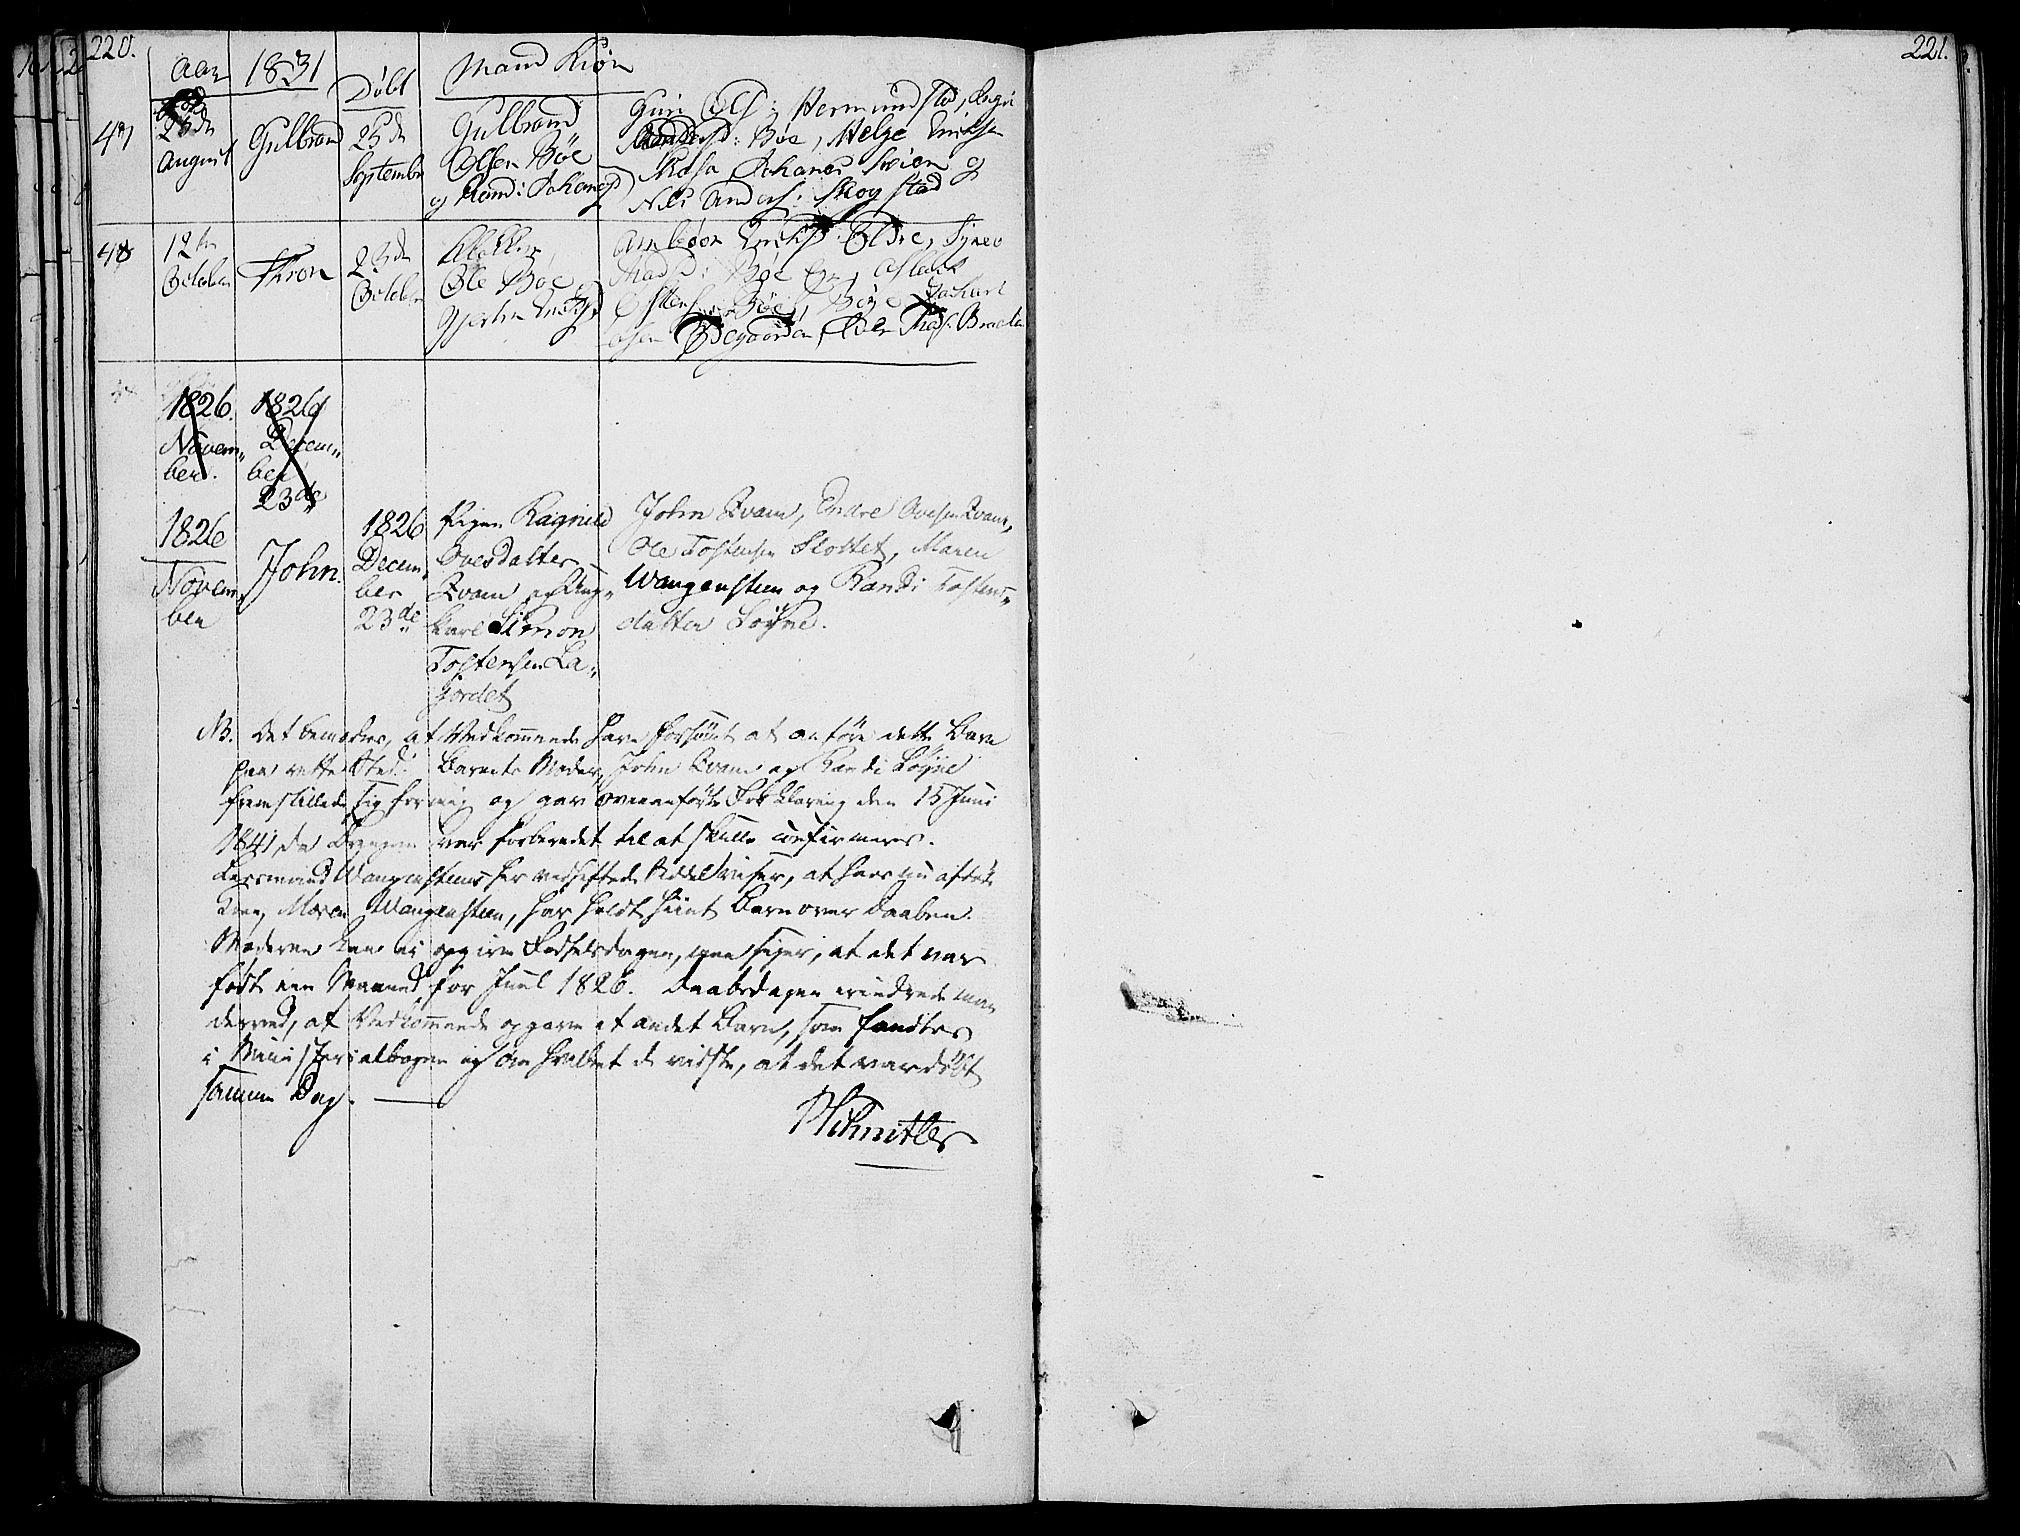 SAH, Vang prestekontor, Valdres, Ministerialbok nr. 3, 1809-1831, s. 220-221